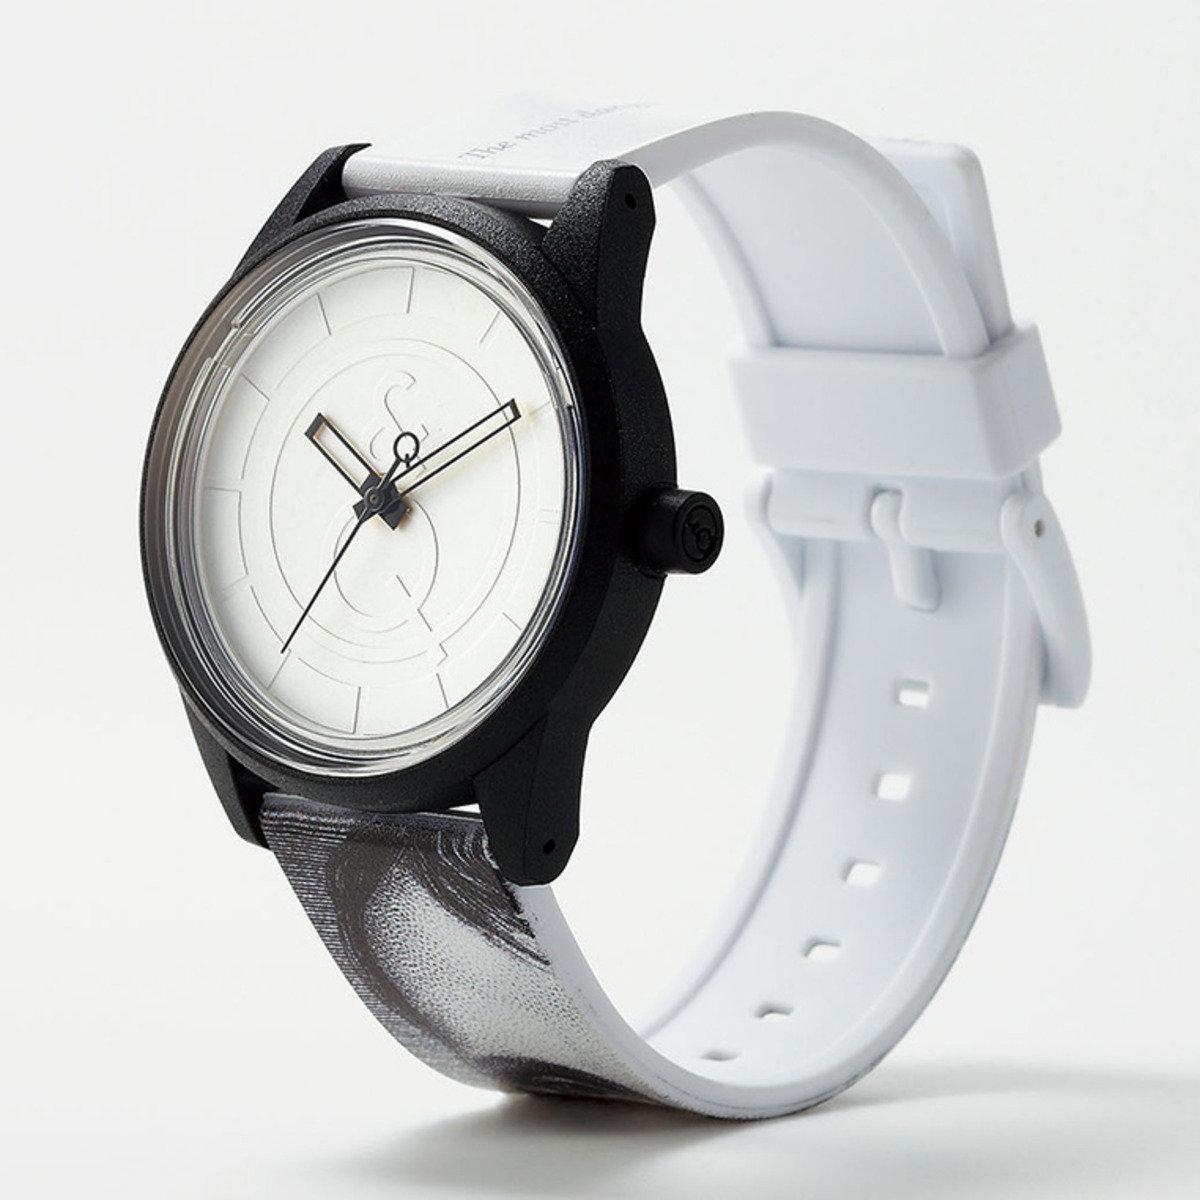 GREAT MAN 手錶 - 拿破崙